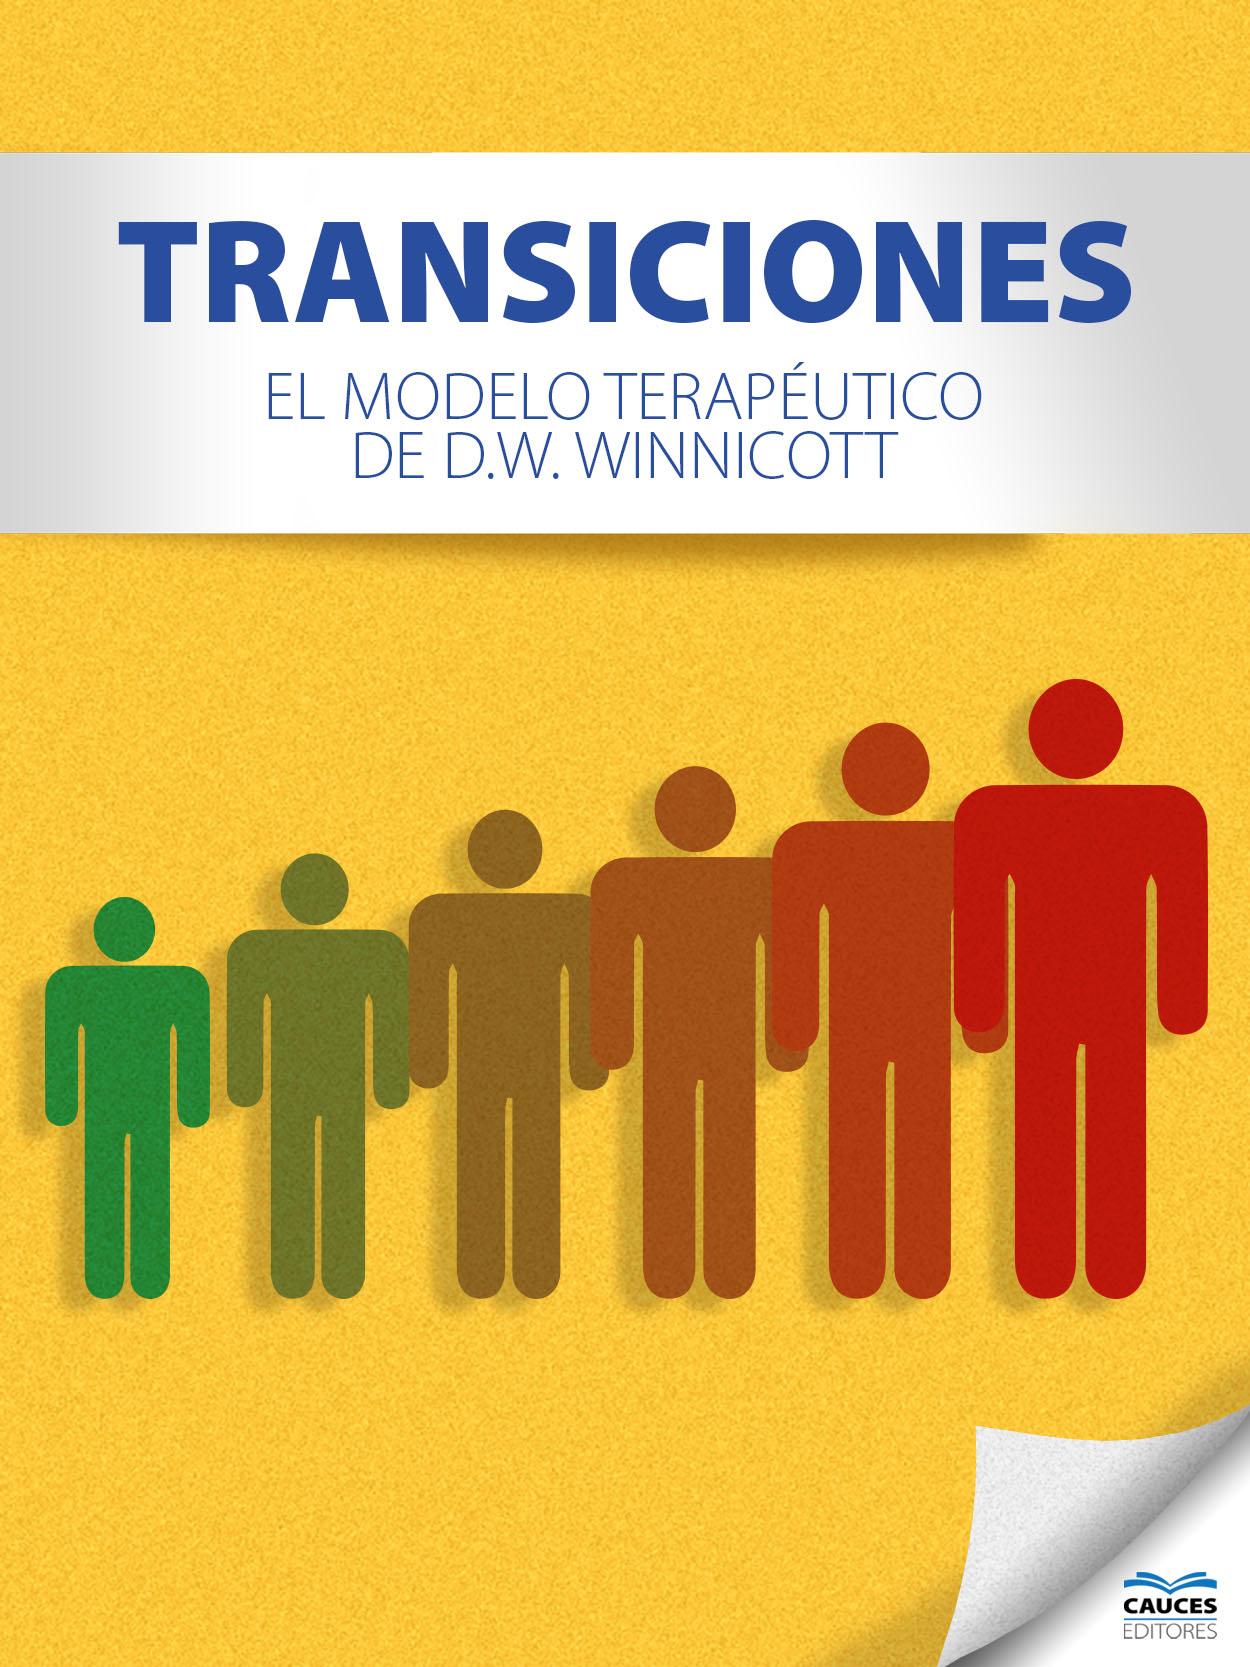 Portada del libro Transiciones /></a> <p class=